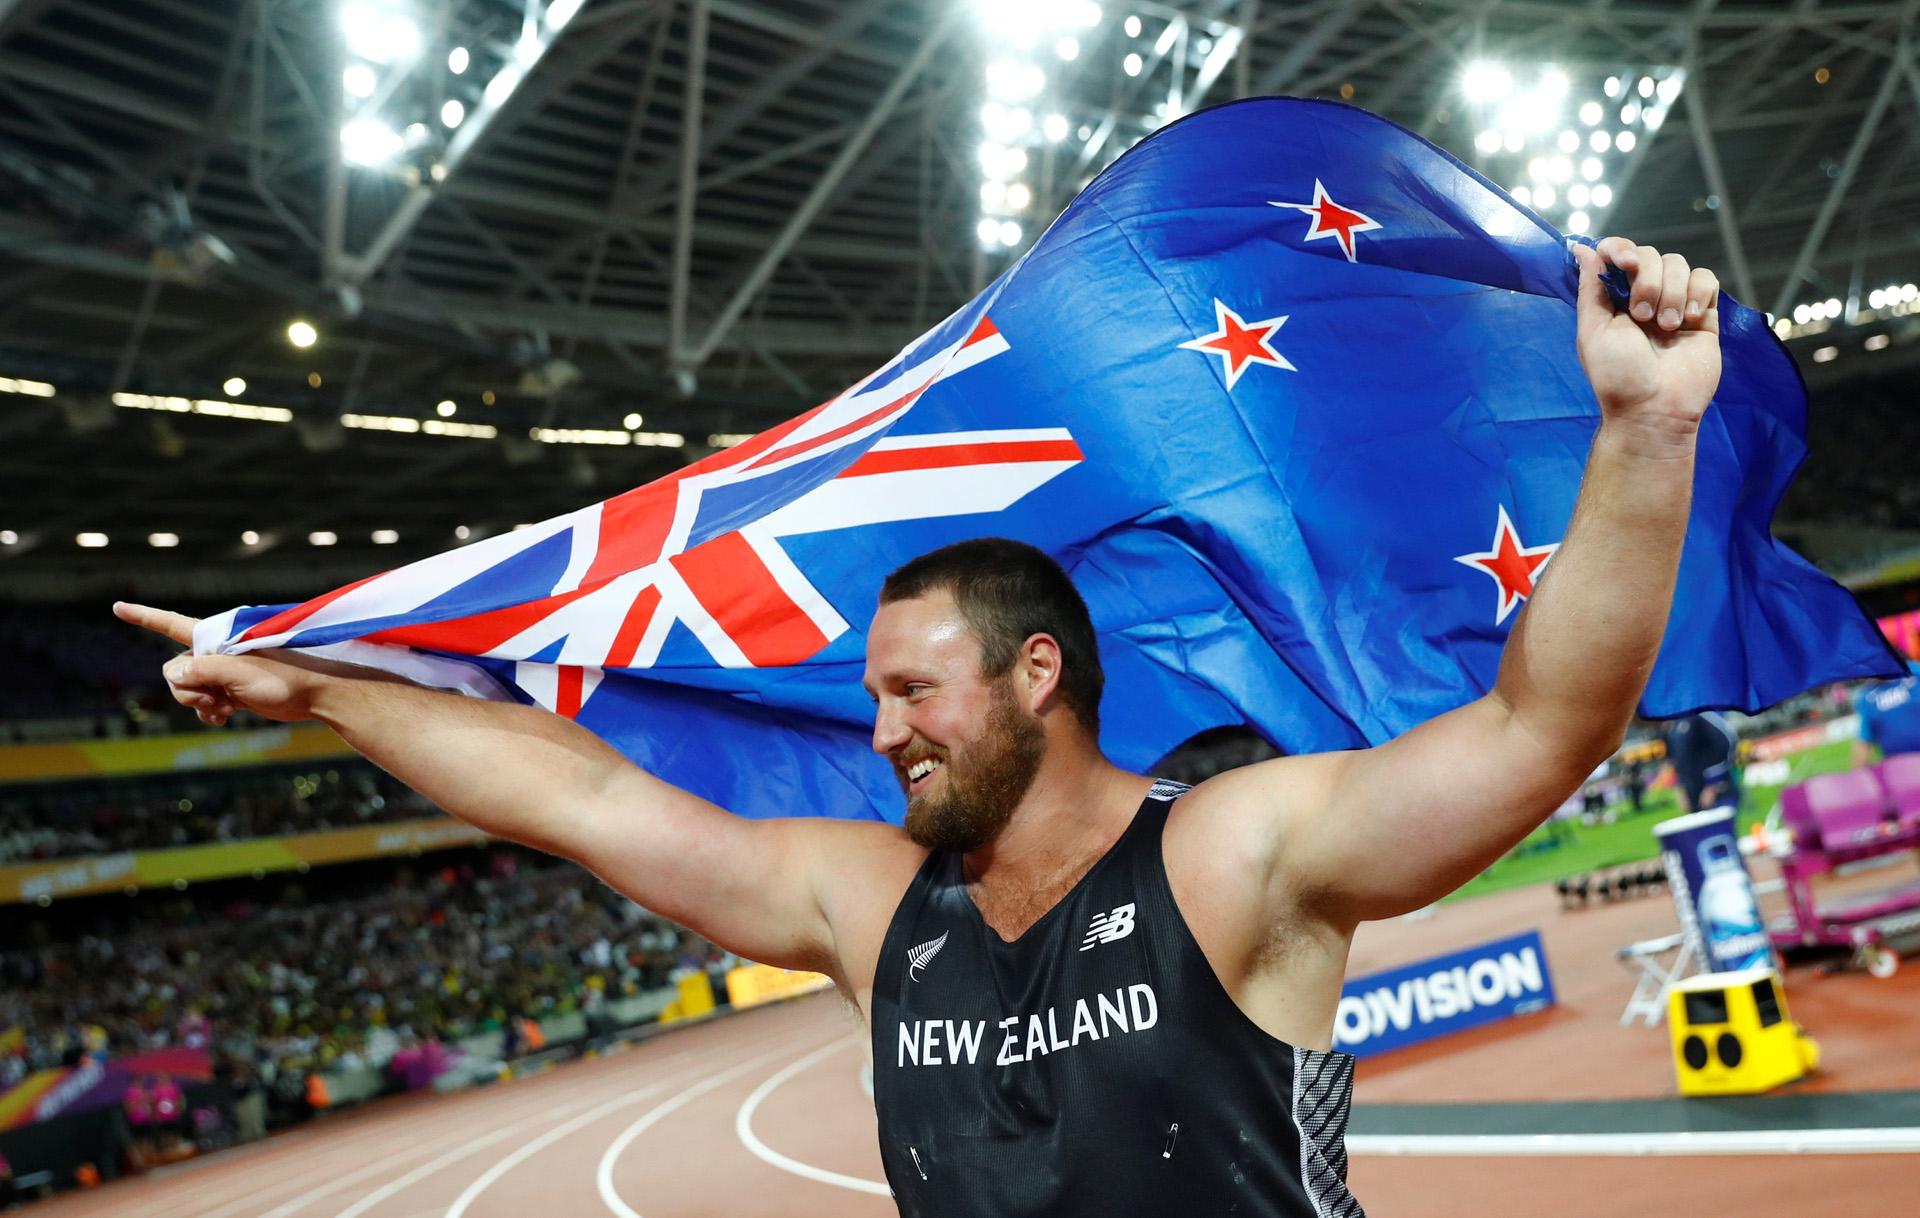 El neozelandés Tomas Walsh festeja tras ganarel oro en lanzamiento de bala